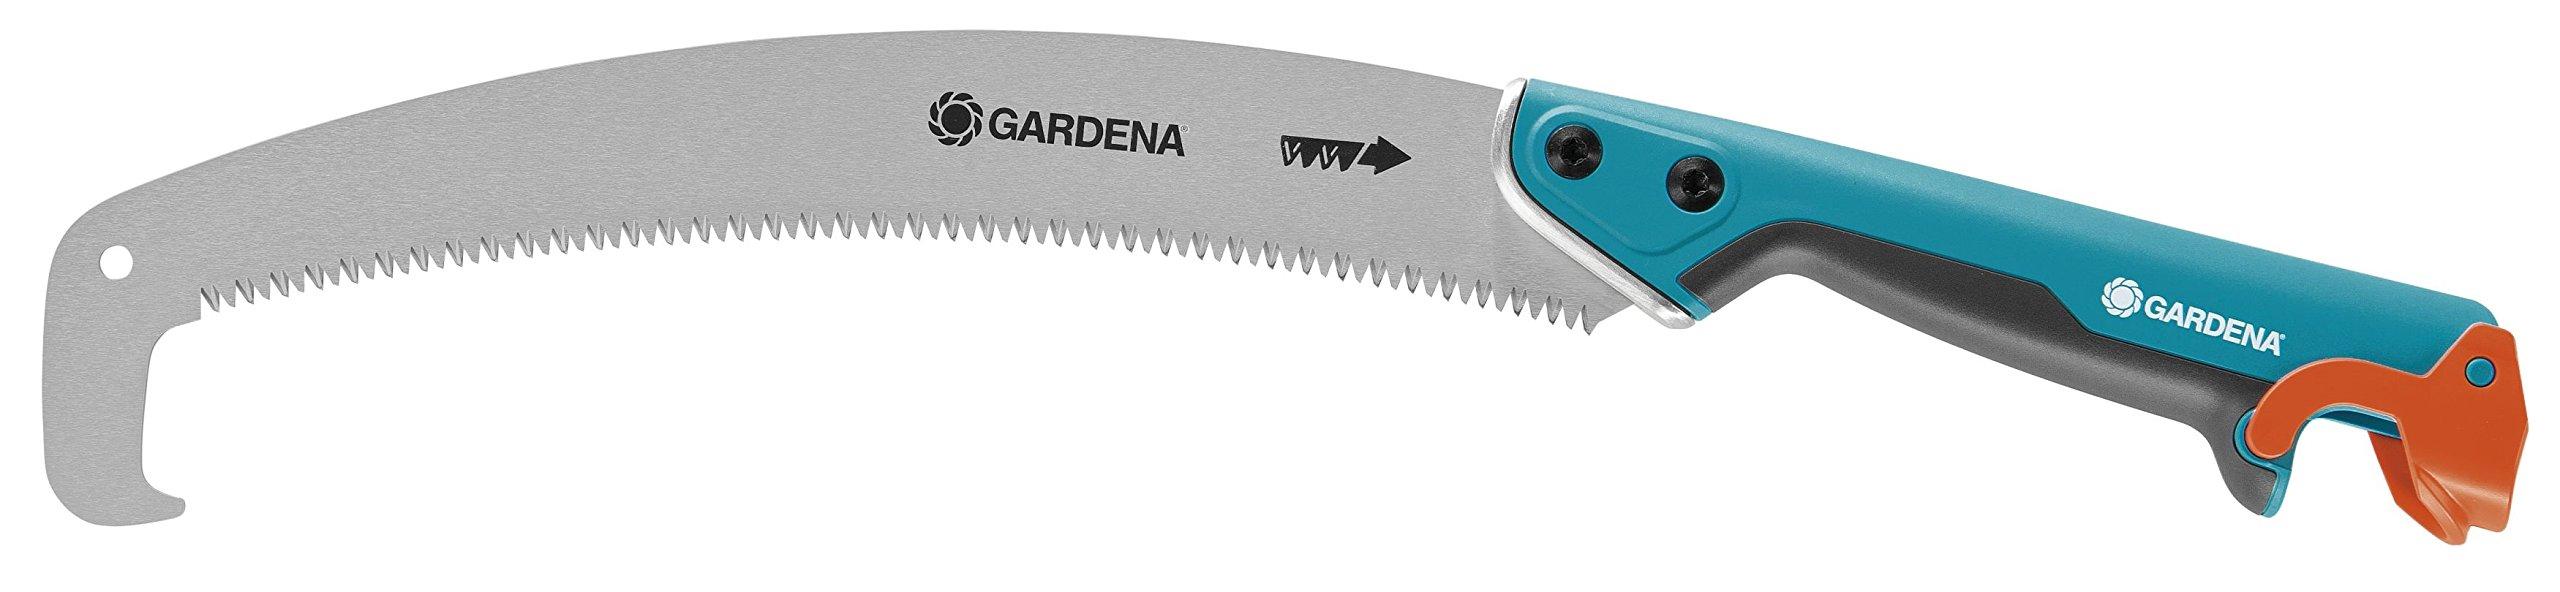 Gardena 300P Mechanical Curved Garden Saw by Gardena